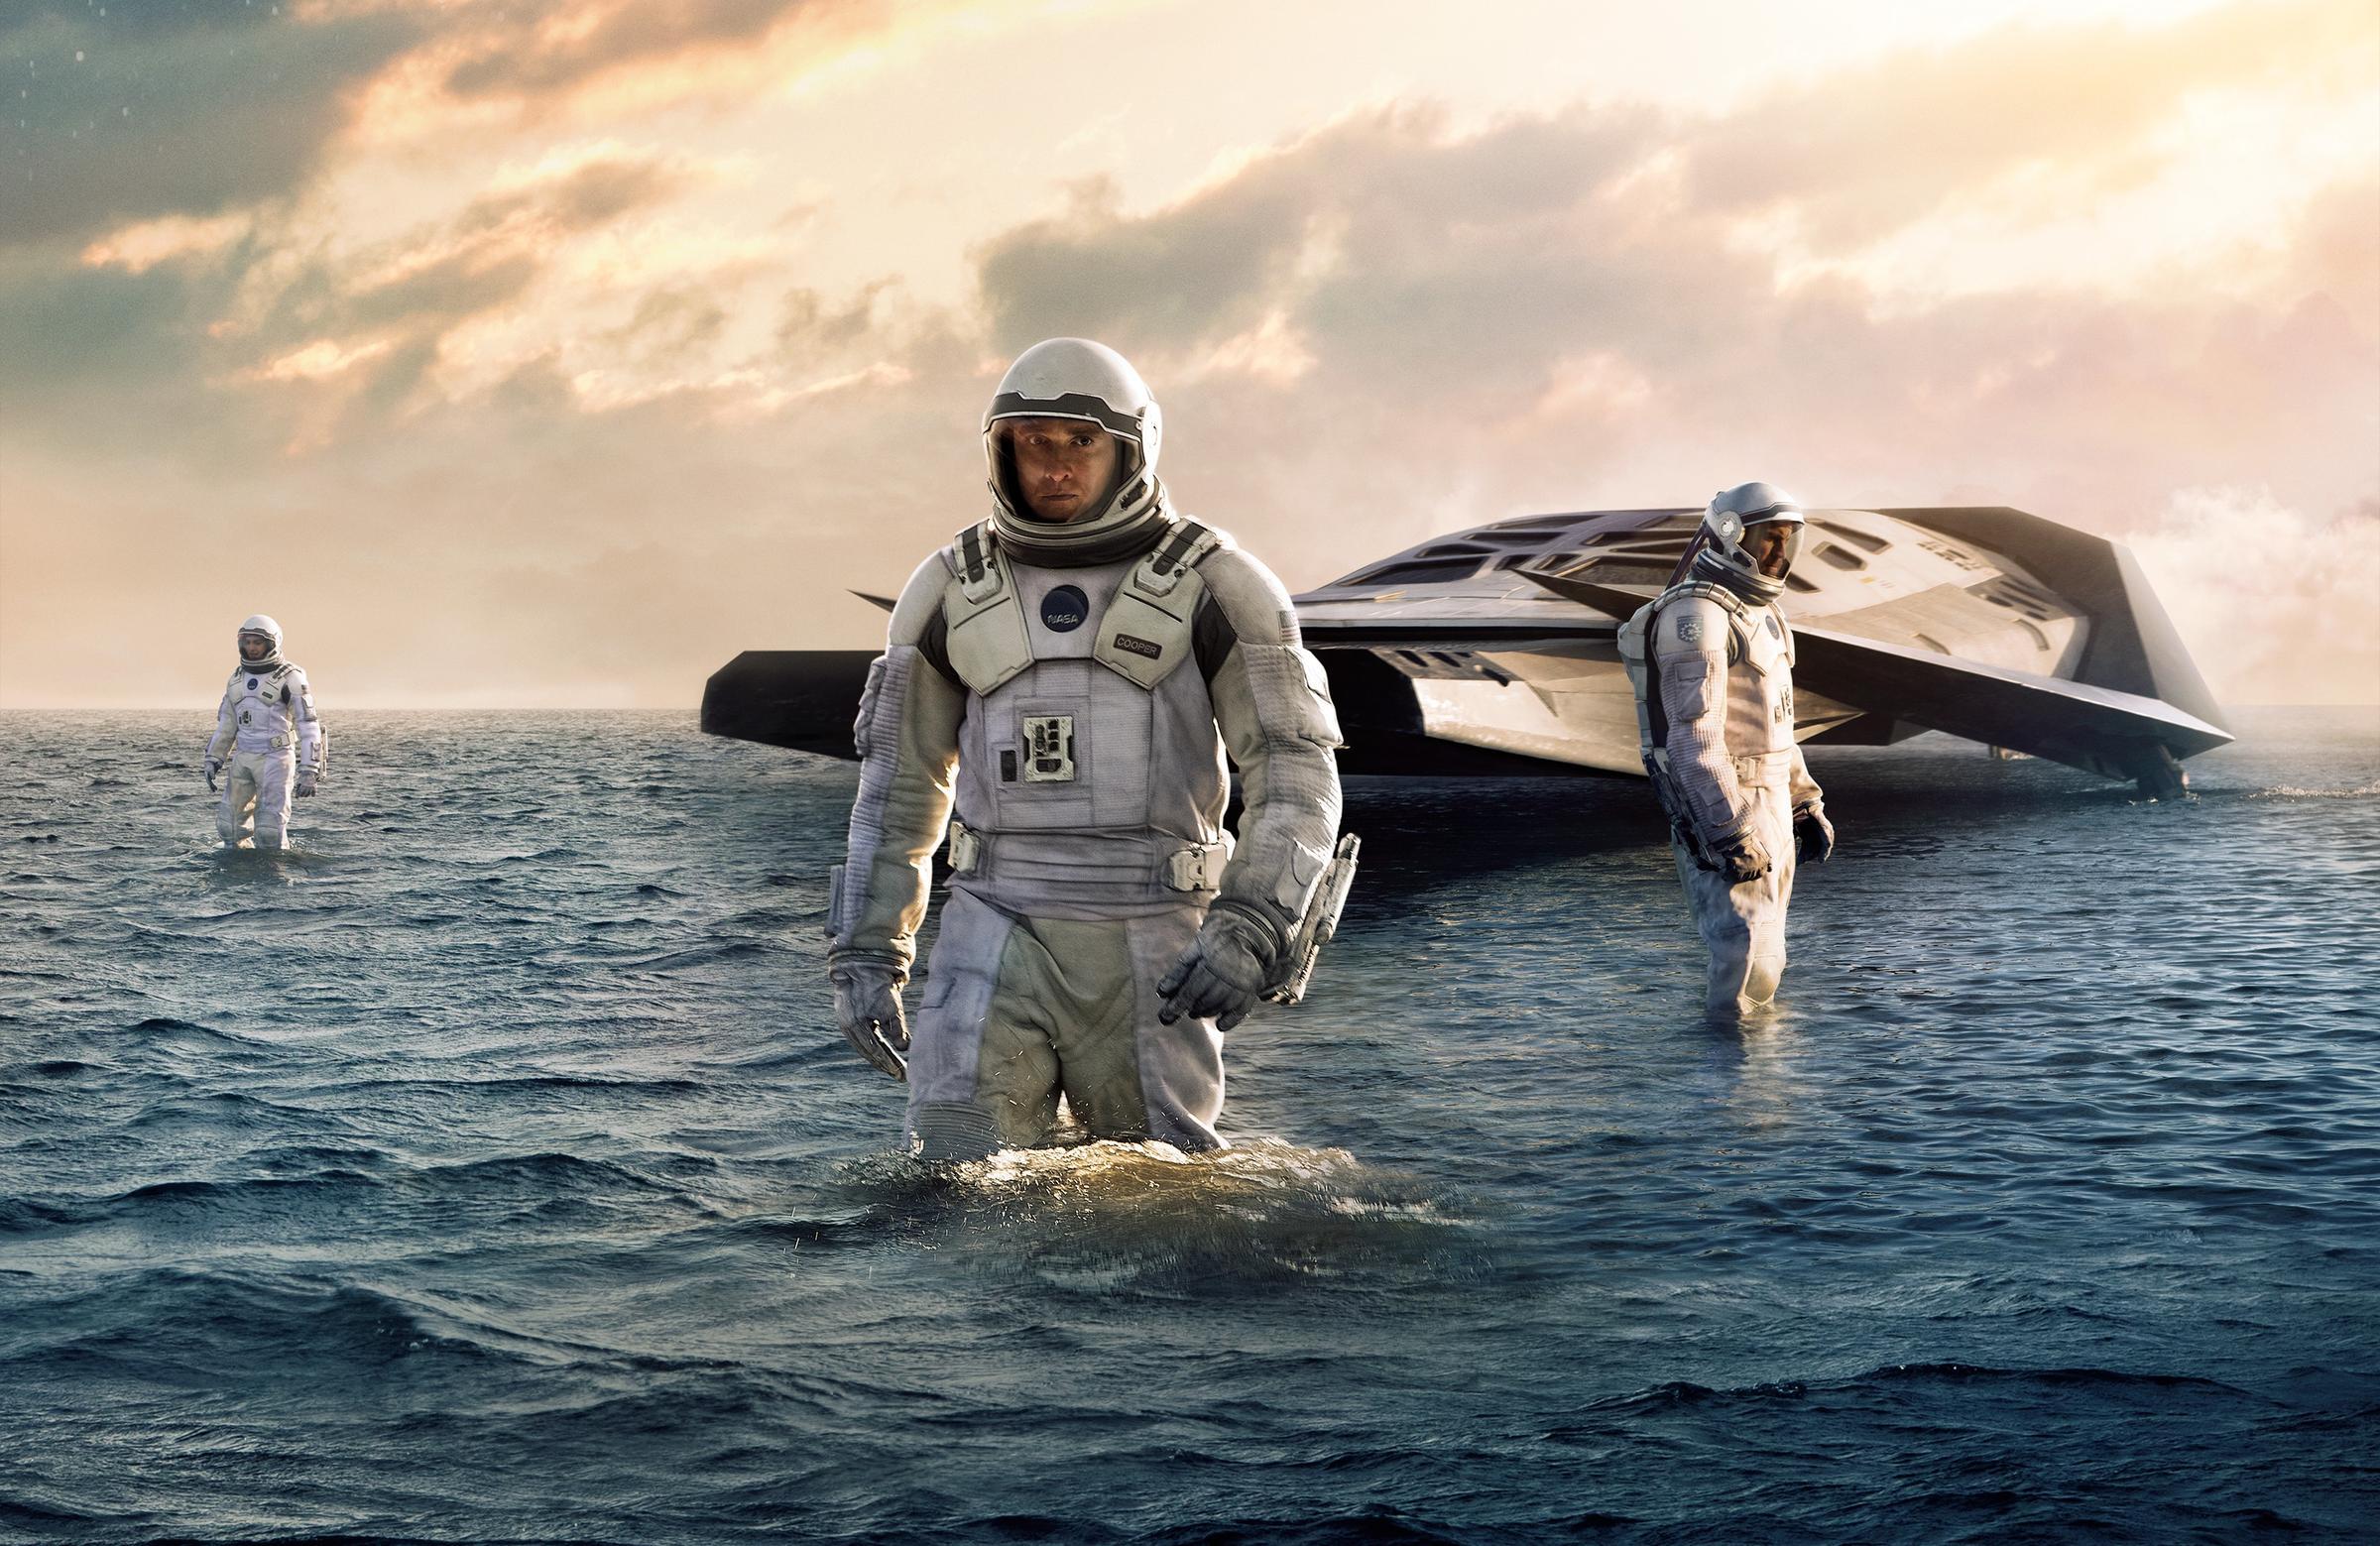 Filmy skłaniające do myślenia - Interstellar